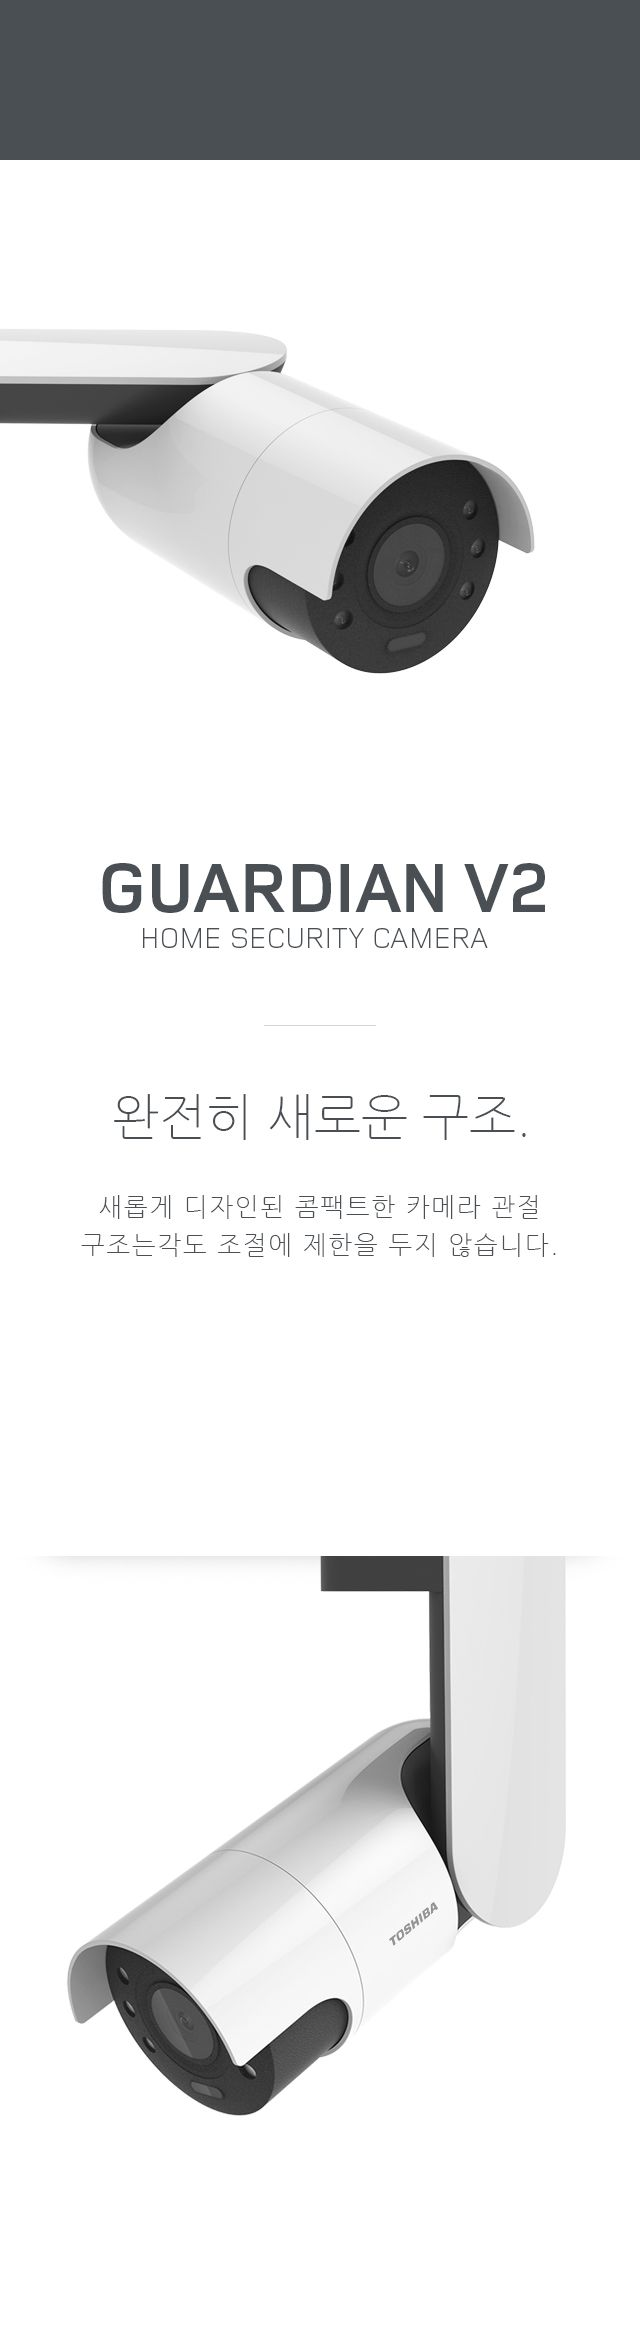 GUARDIAN V2